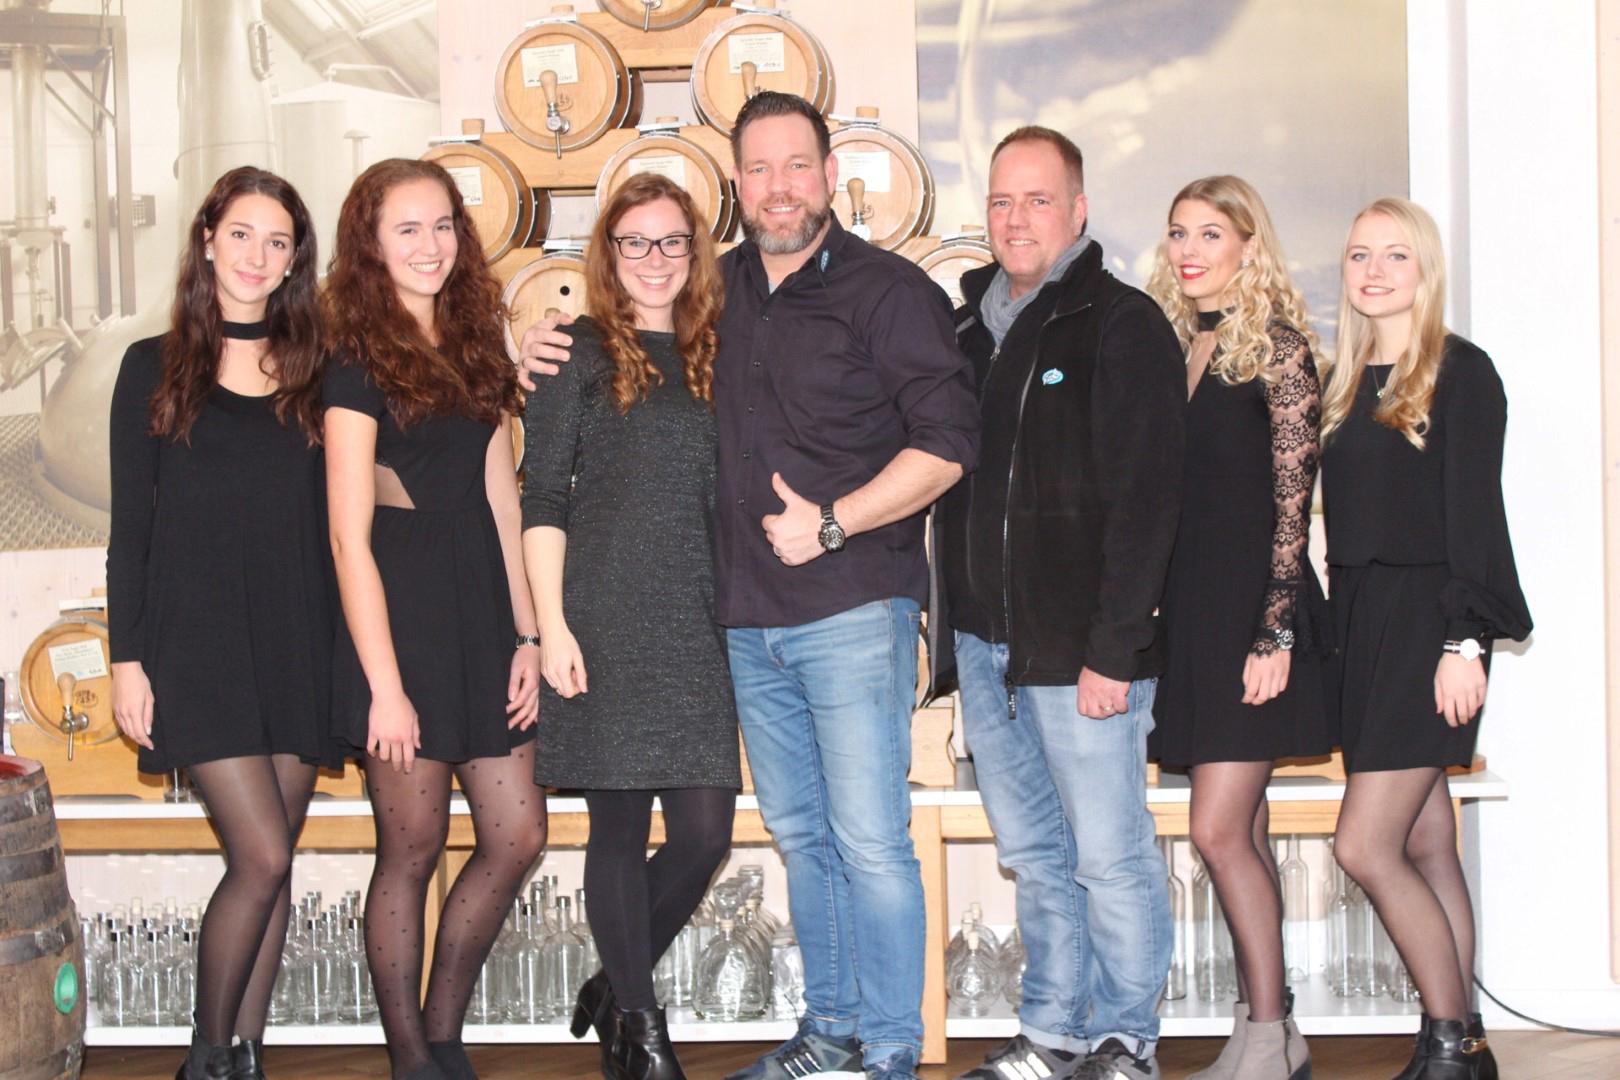 Das Bild zeigt das Team vomFASS Siegburg